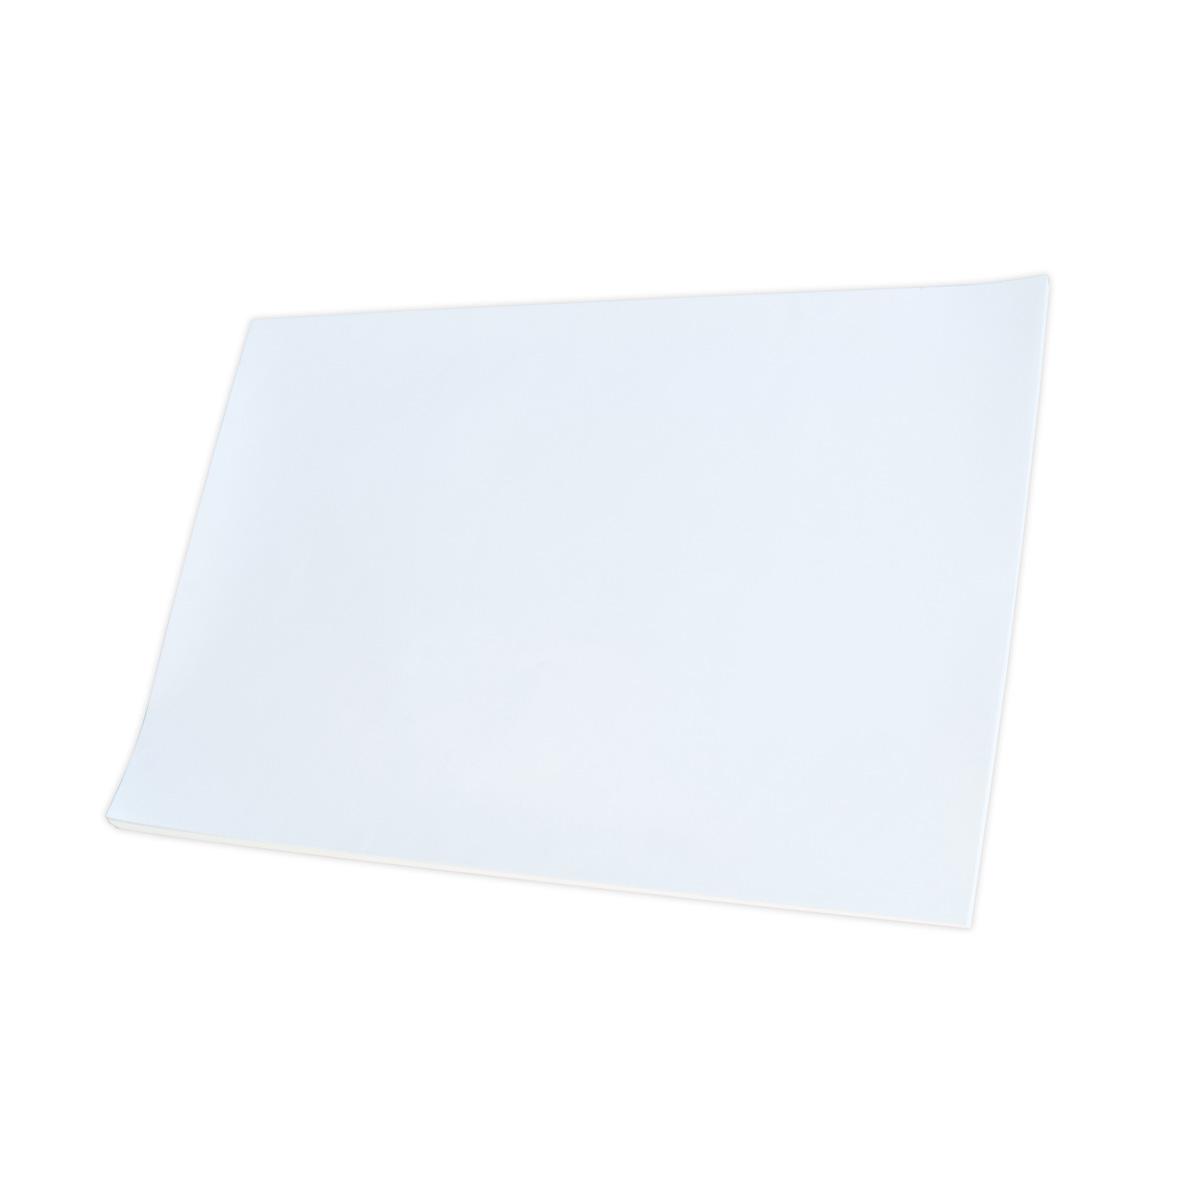 Papier blanc pour la peinture : 30 x 46 cm